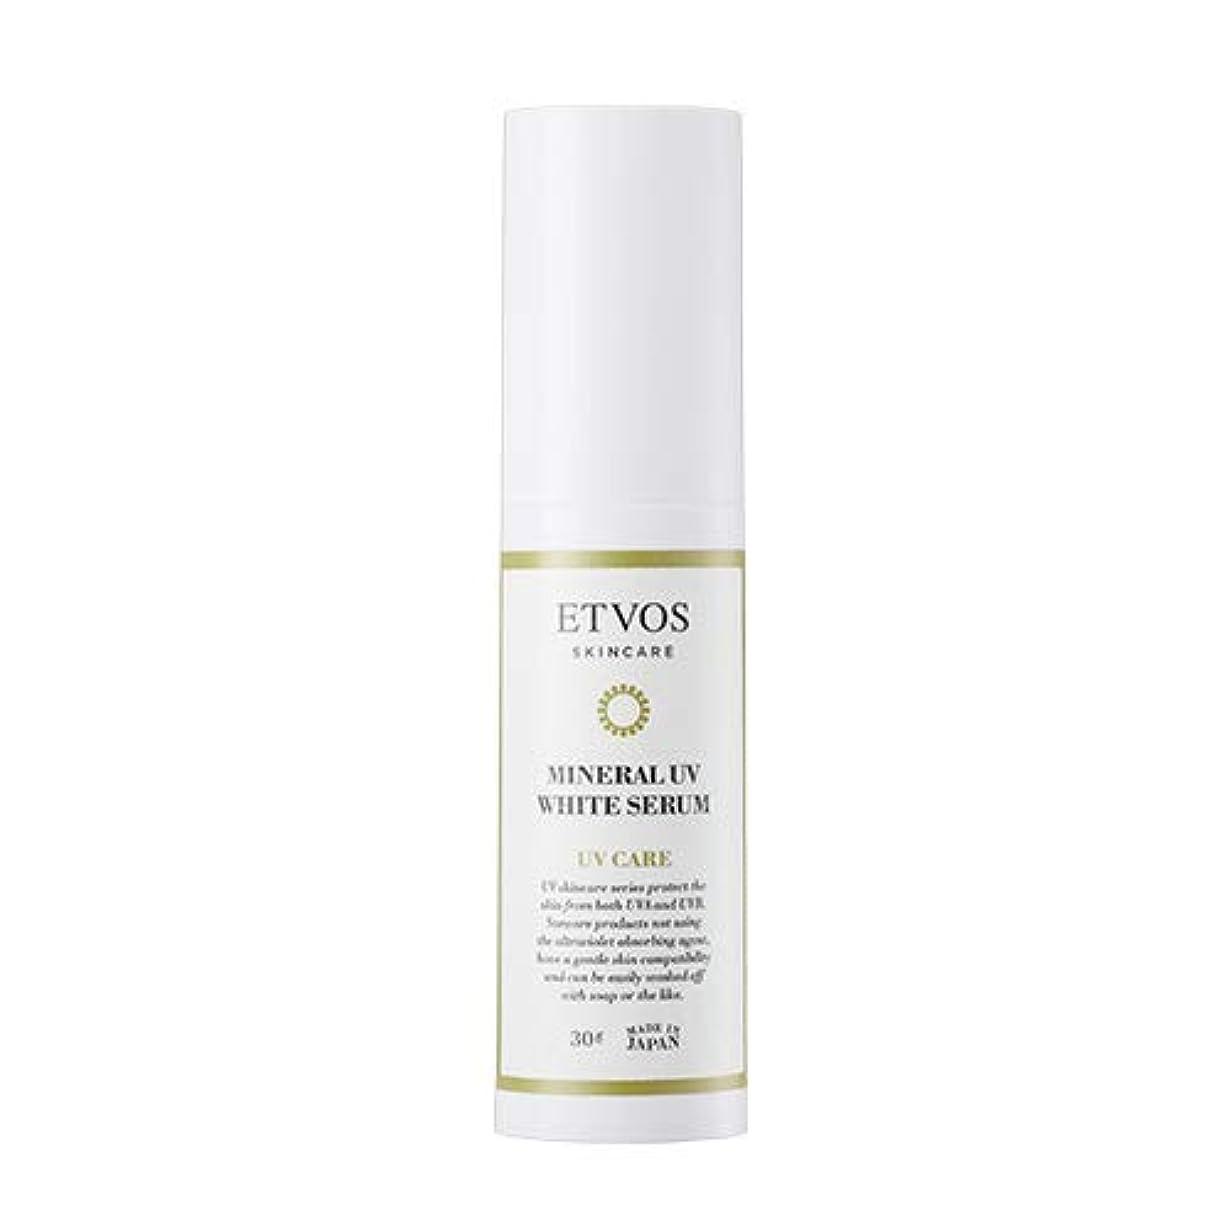 インペリアル影響を受けやすいです登録するETVOS(エトヴォス) 朝用美白美容液 ミネラルUVホワイトセラム SPF35/PA+++ 30g トラネキサム酸(医薬部外品)